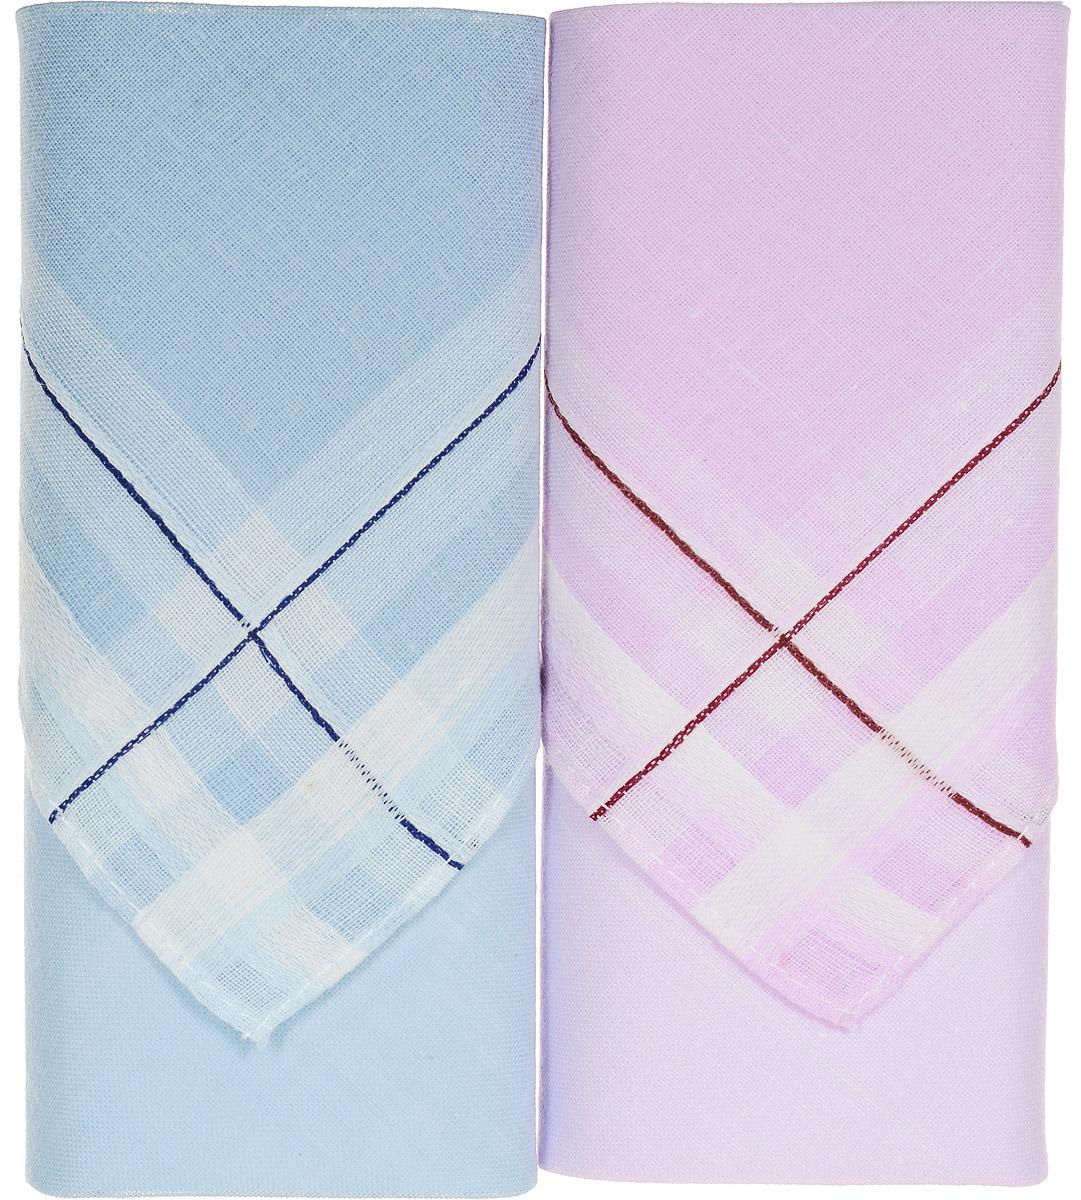 Платок носовой женский Zlata Korunka, цвет: розовый, голубой. 71225-7. Размер 34 х 34 см, 2 штСерьги с подвескамиНосовой платок Zlata Korunka изготовлен из высококачественного натурального хлопка, благодаря чему приятен в использовании, хорошо стирается, не садится и отлично впитывает влагу. Практичный и изящный носовой платок будет незаменим в повседневной жизни любого современного человека. Такой платок послужит стильным аксессуаром и подчеркнет ваше превосходное чувство вкуса.В комплекте 2 платка.